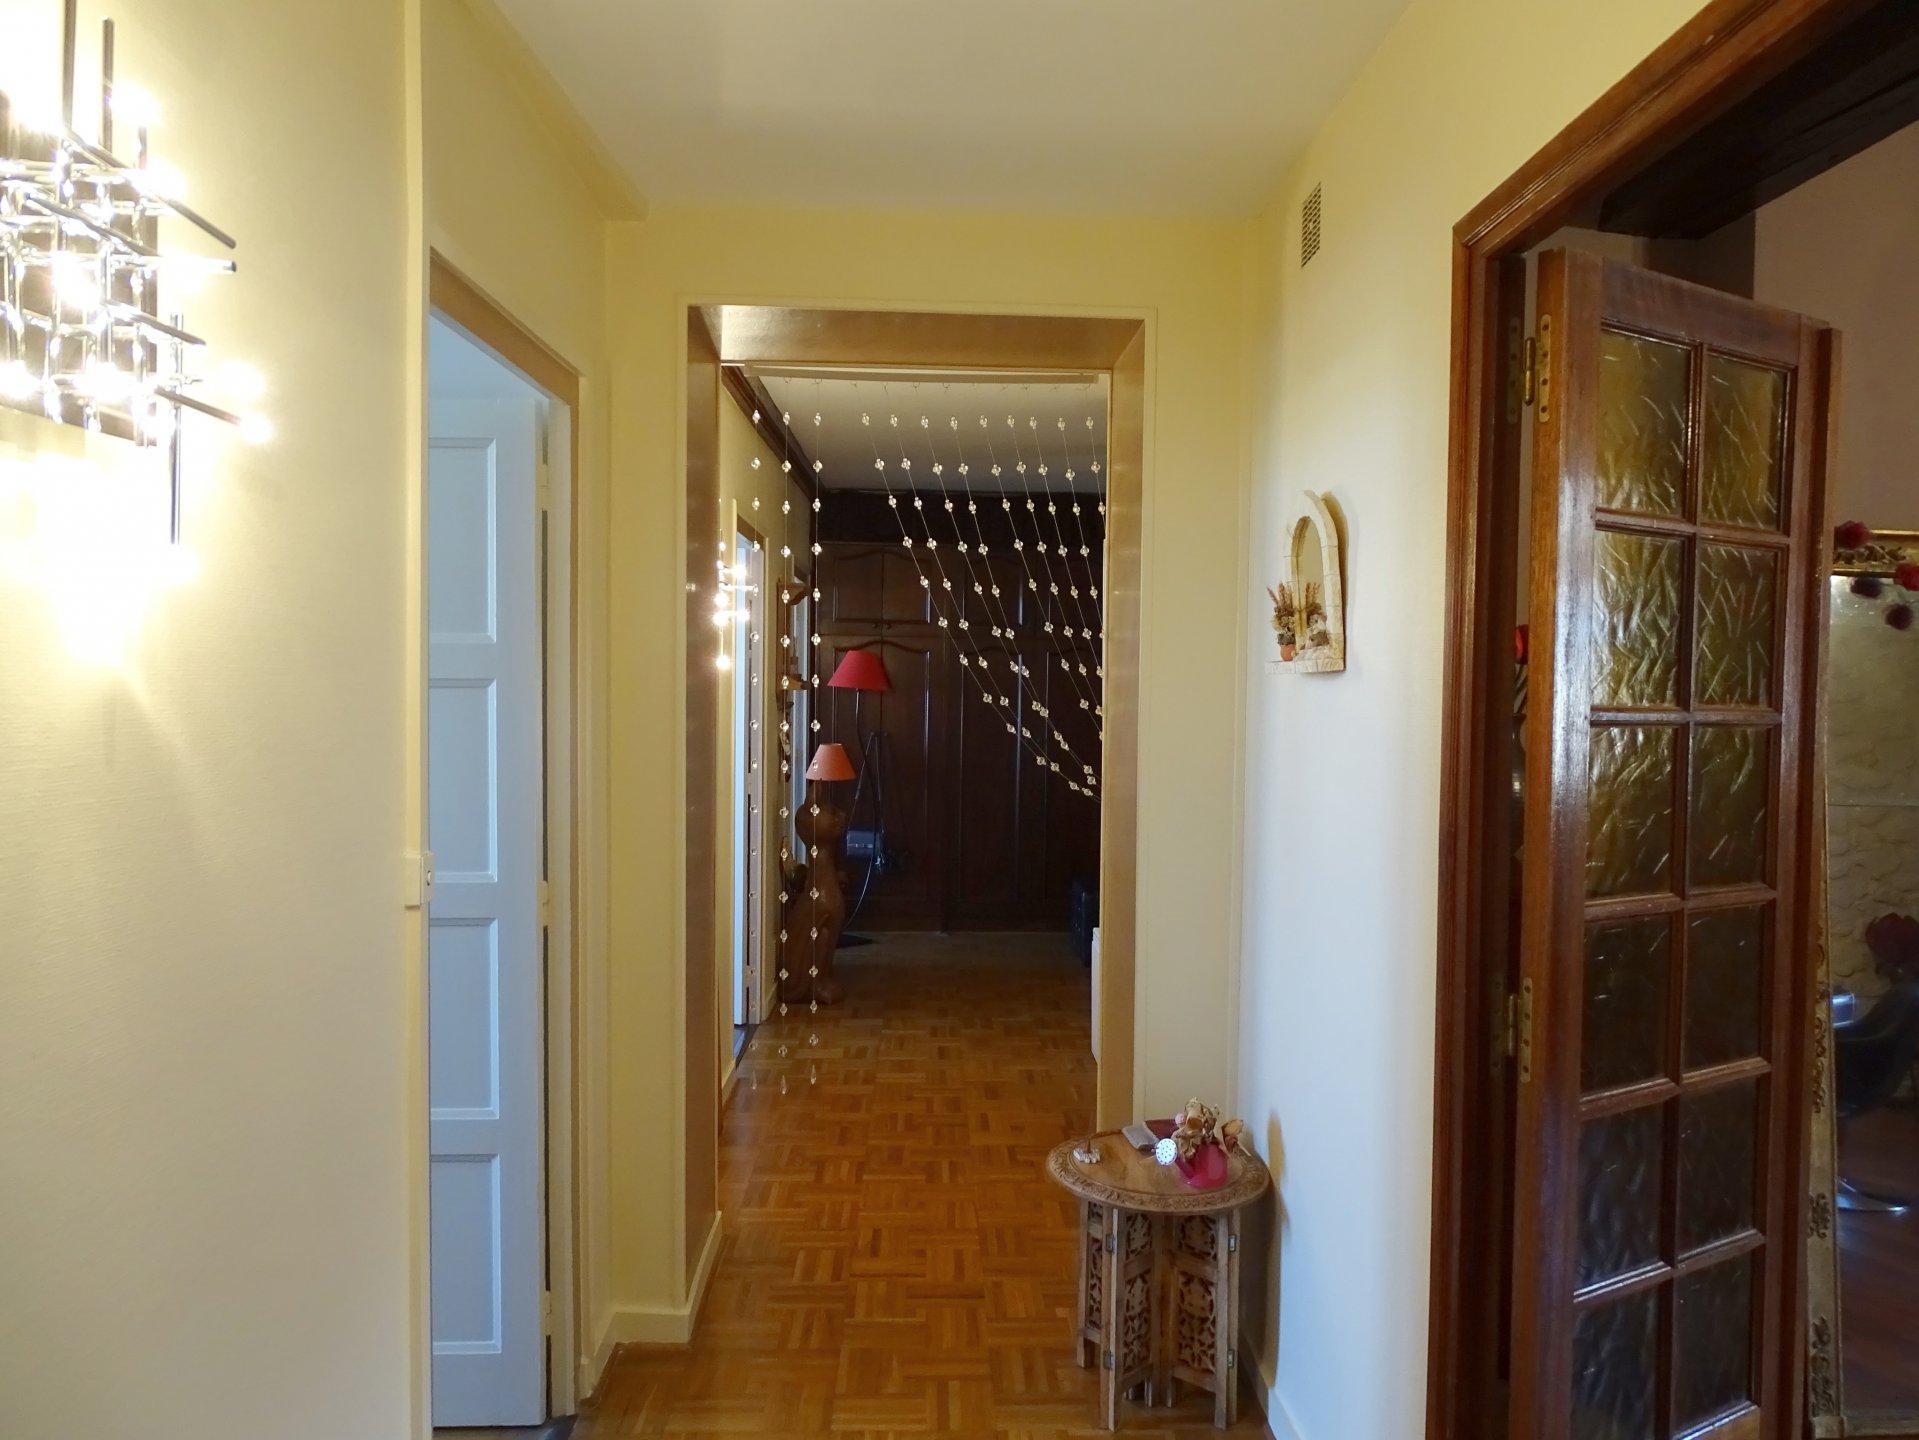 Mâcon, au pieds des commerces et commodités, au 3ème et dernier étage d'une petite copropriété, venez découvrir cet appartement de charme offrant une surface habitable de 107 m². Il est doté d'une vaste entrée, une agréable cuisine équipée avec son coin repas, un spacieux salon, deux chambres, dressing, et une salle de bains avec toilette. Appartement en parfait état qui sera vous séduire par sa rénovation de qualité, son emplacement et sa vue panoramique sur la Saône. Bien sous au régime de la copropriété (46 euros/mois, 10 lots principaux). Honoraires à la charge du vendeur. A visiter sans tarder!!